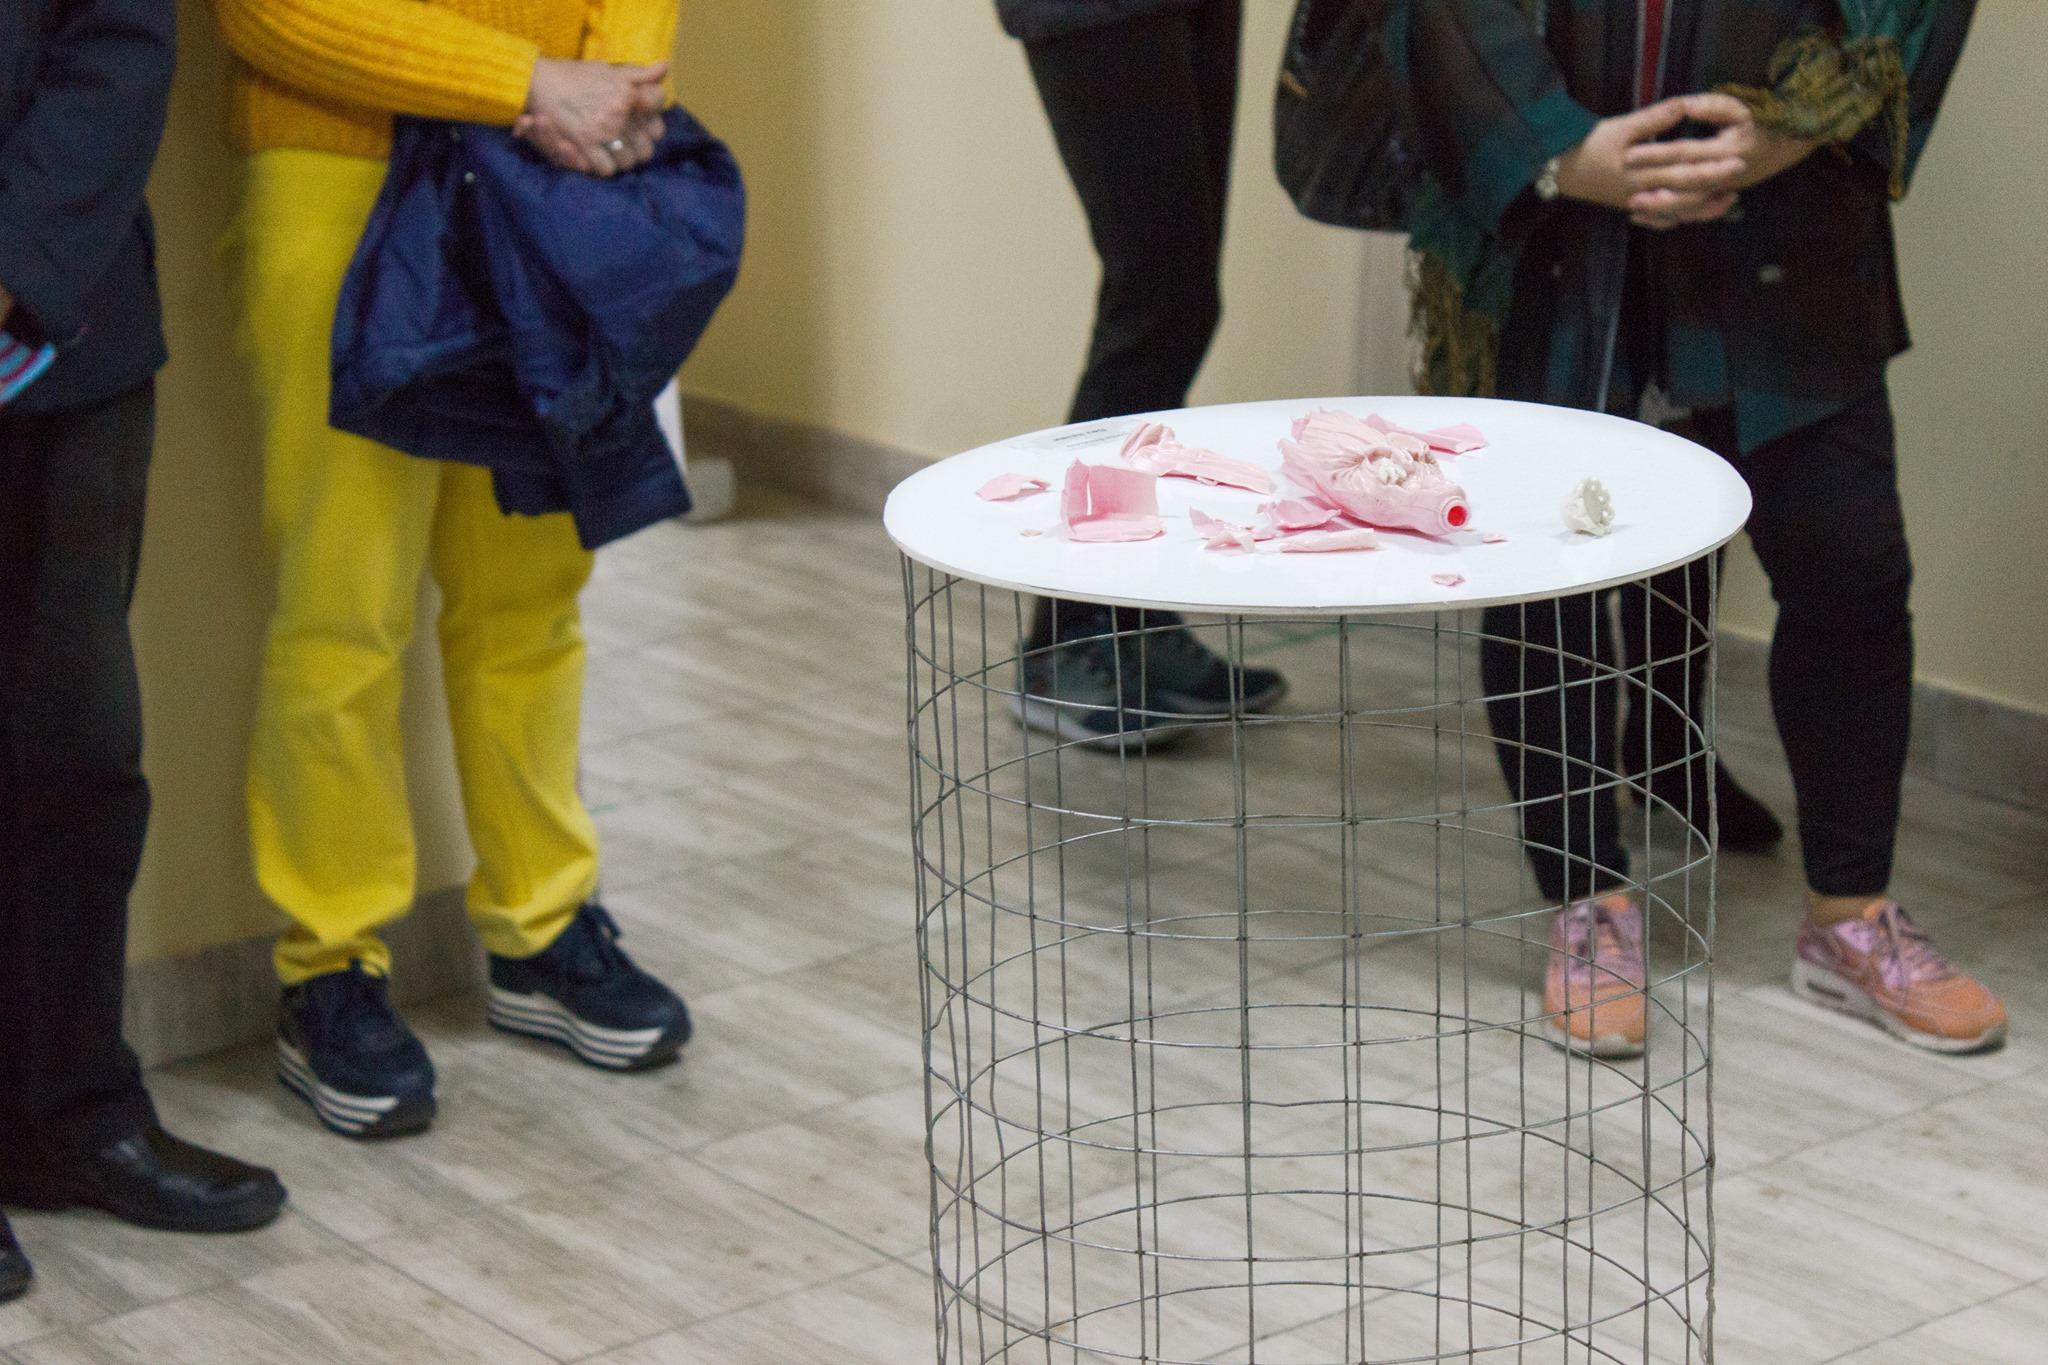 Цифрове мистецтво: у франківському ЦСМ відкрили виставку з Польщі 10